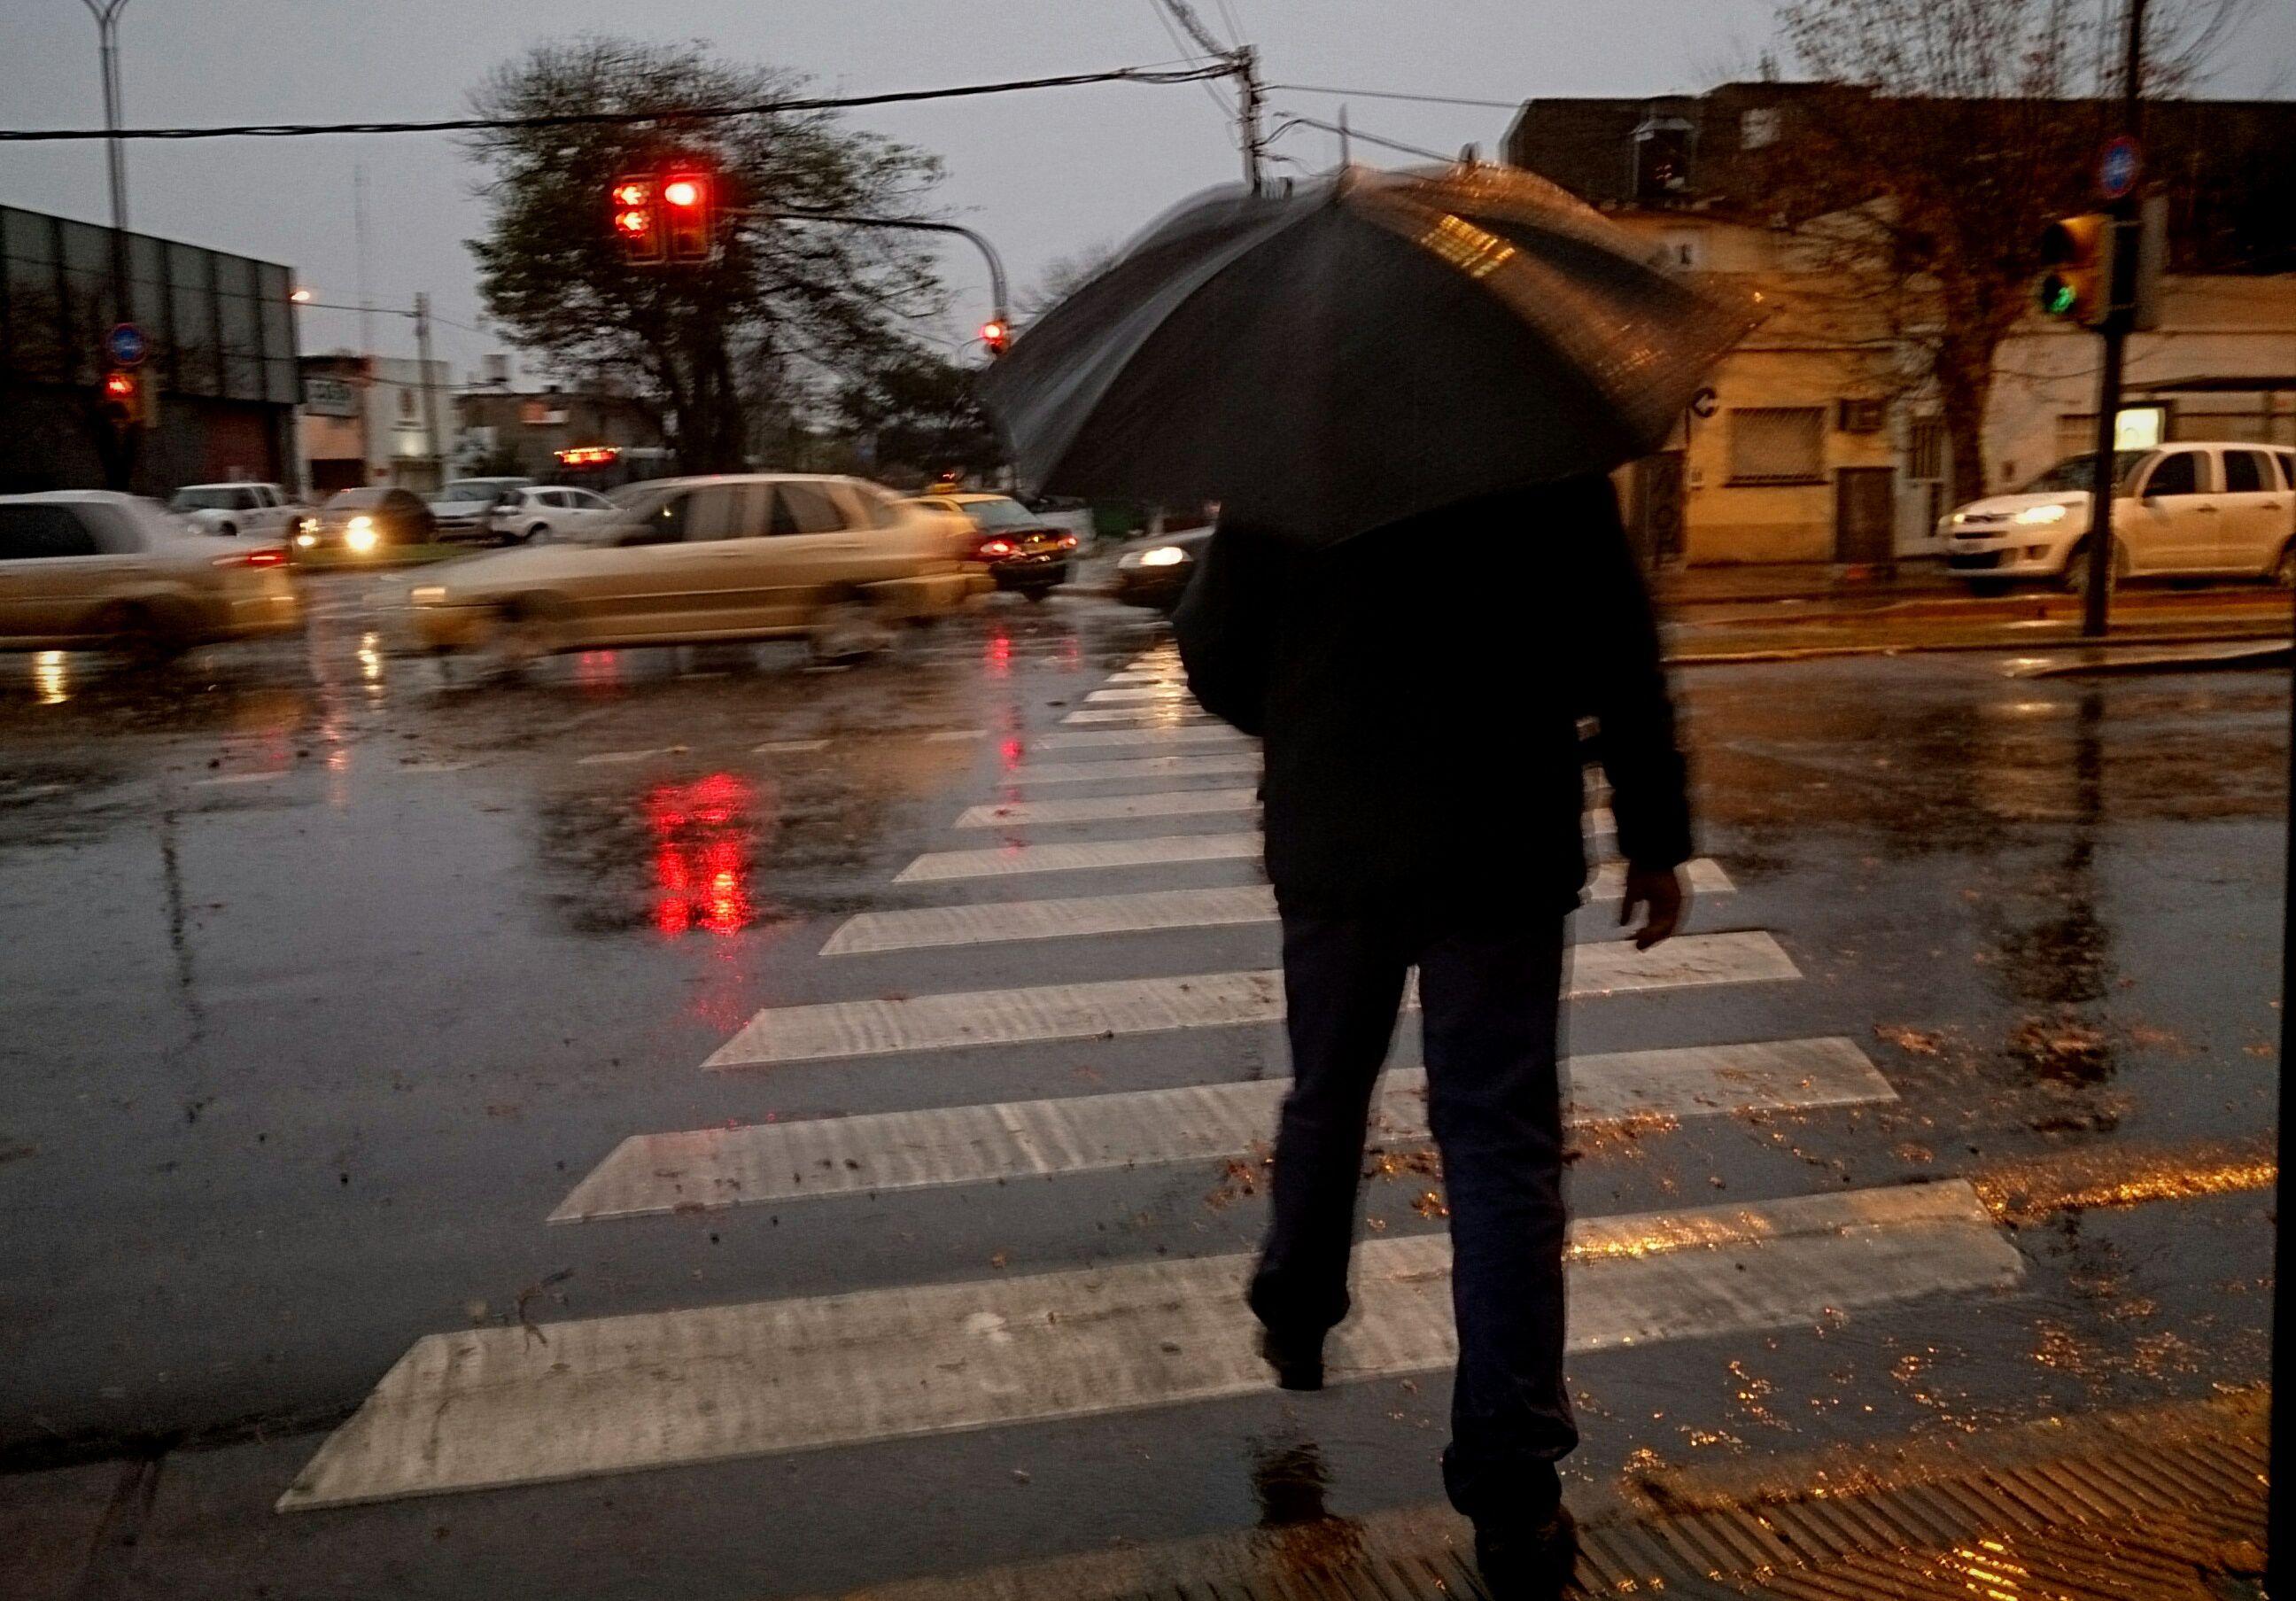 El tiempo inestable con altas probabilidades de lluvia reinará hoy en Rosario. (Foto de archivo)